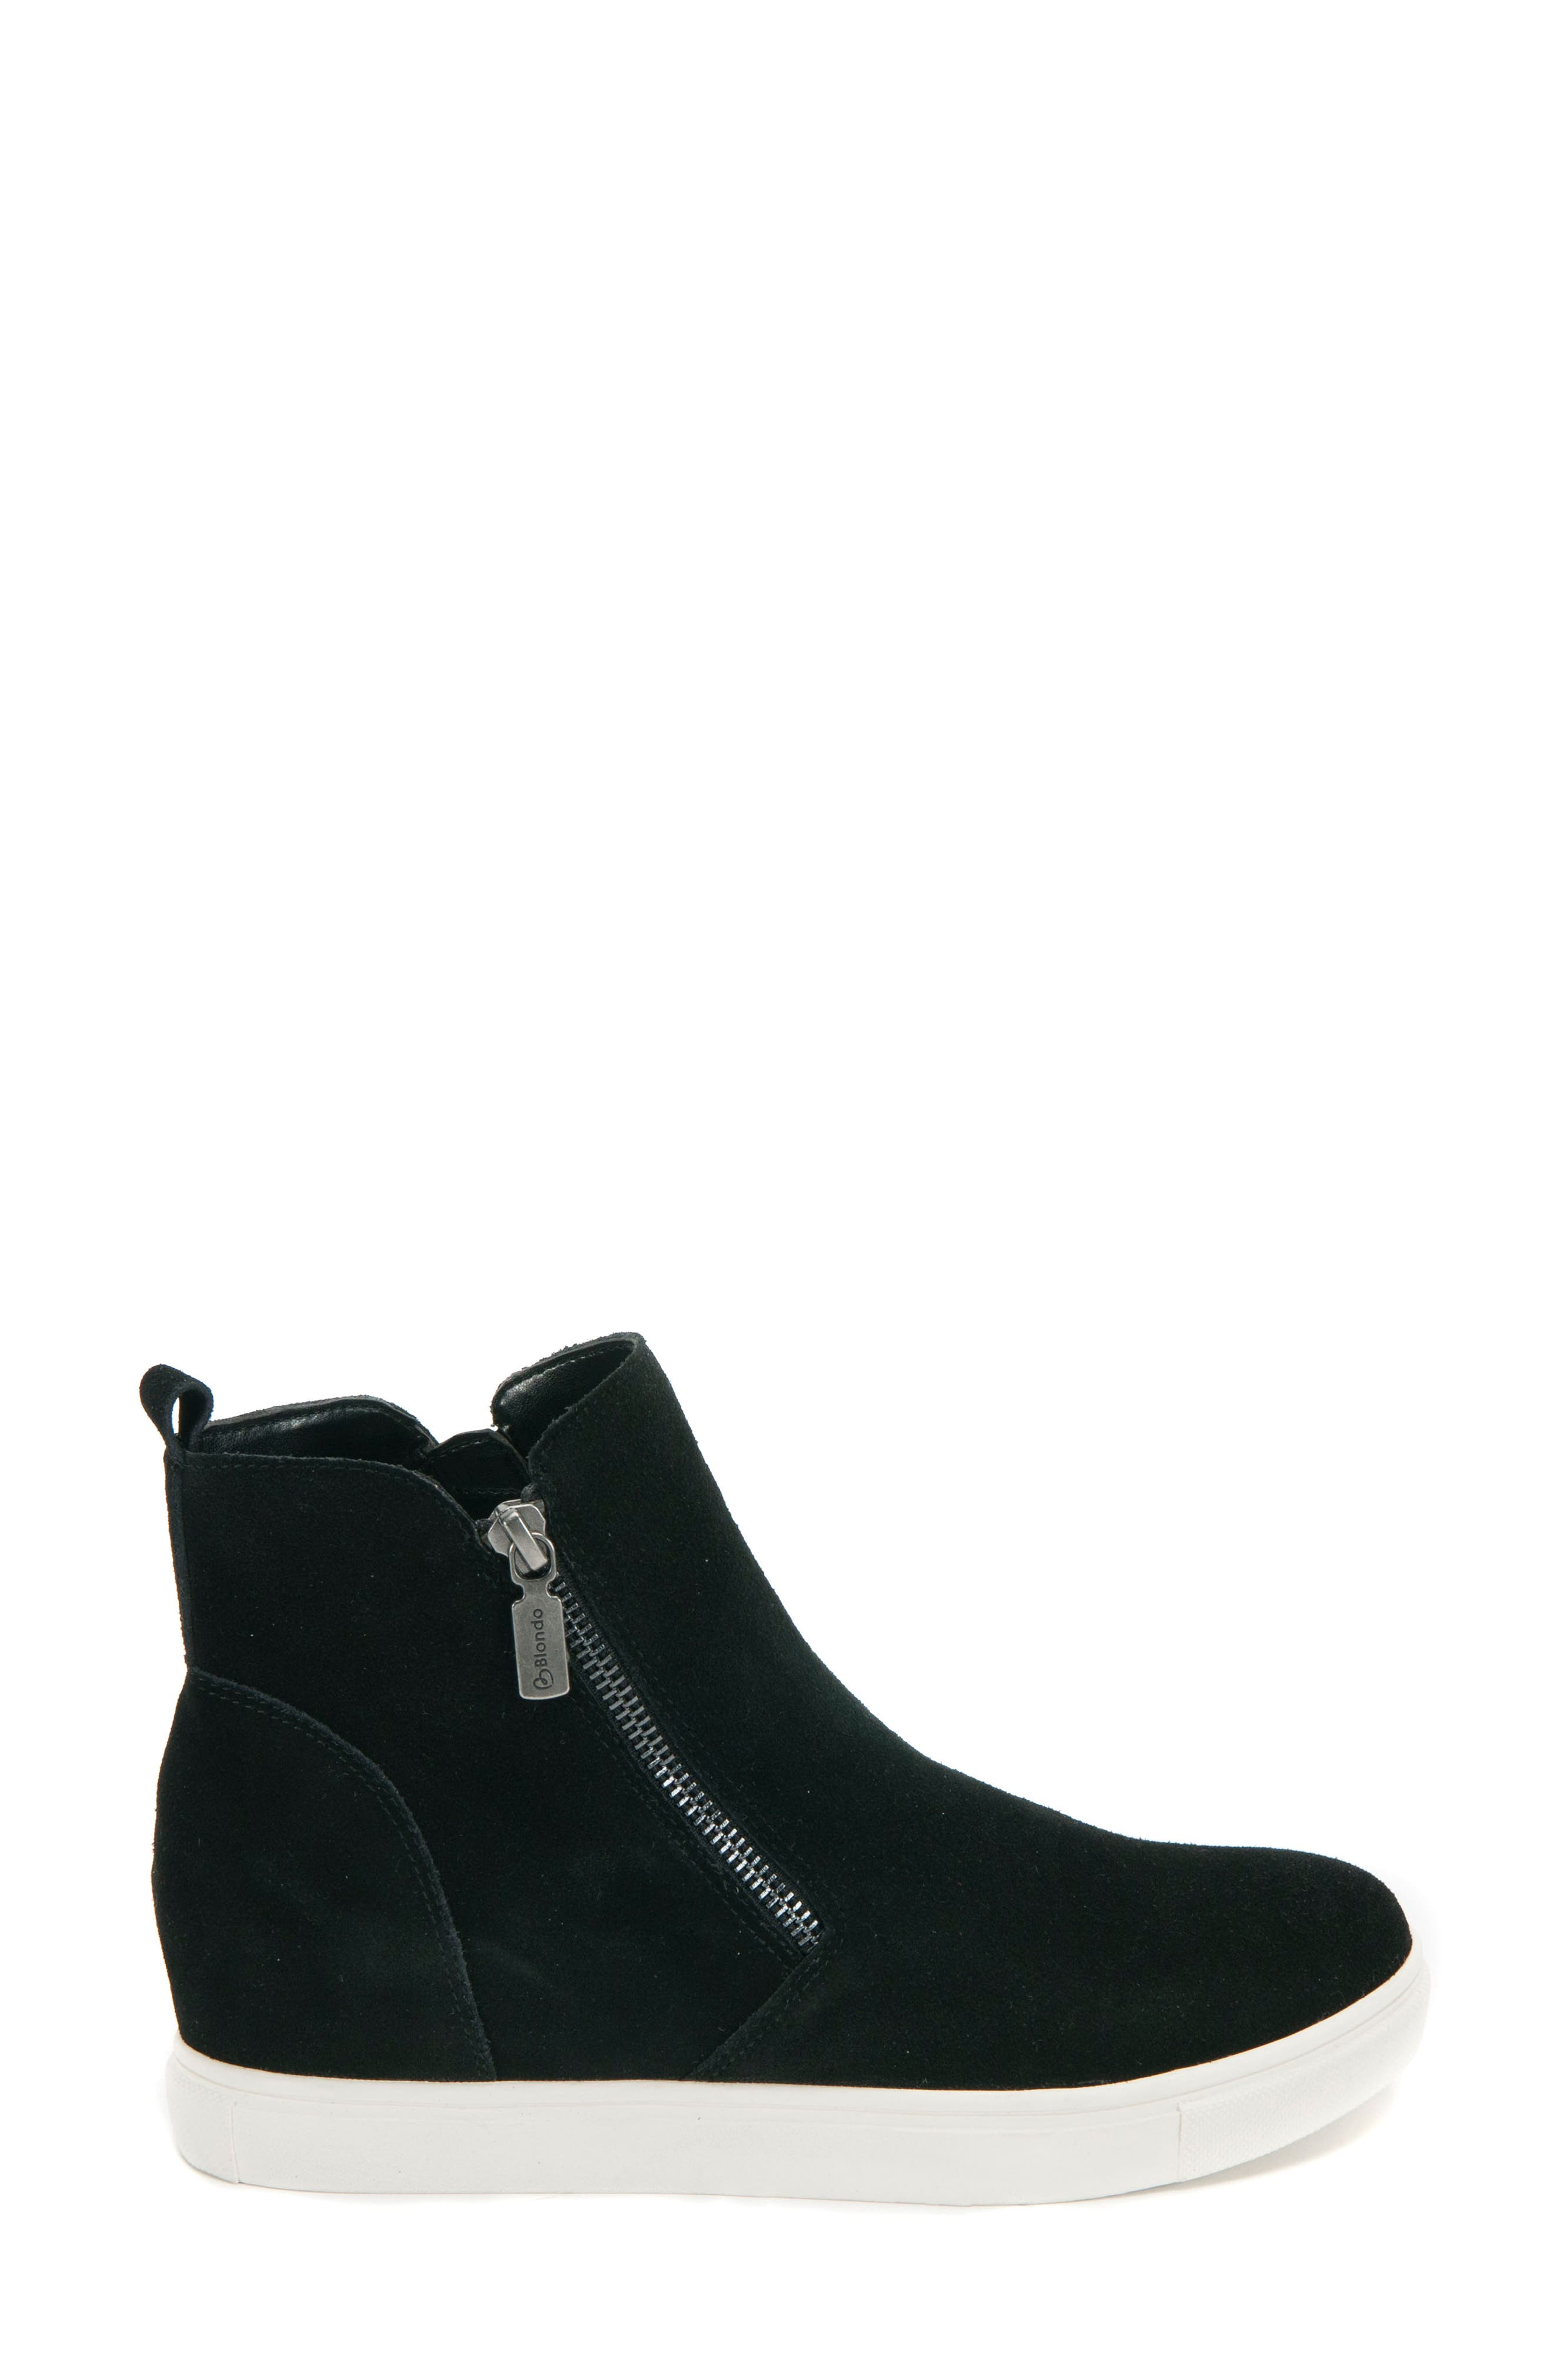 Blondo | Giselle Waterproof Sneaker